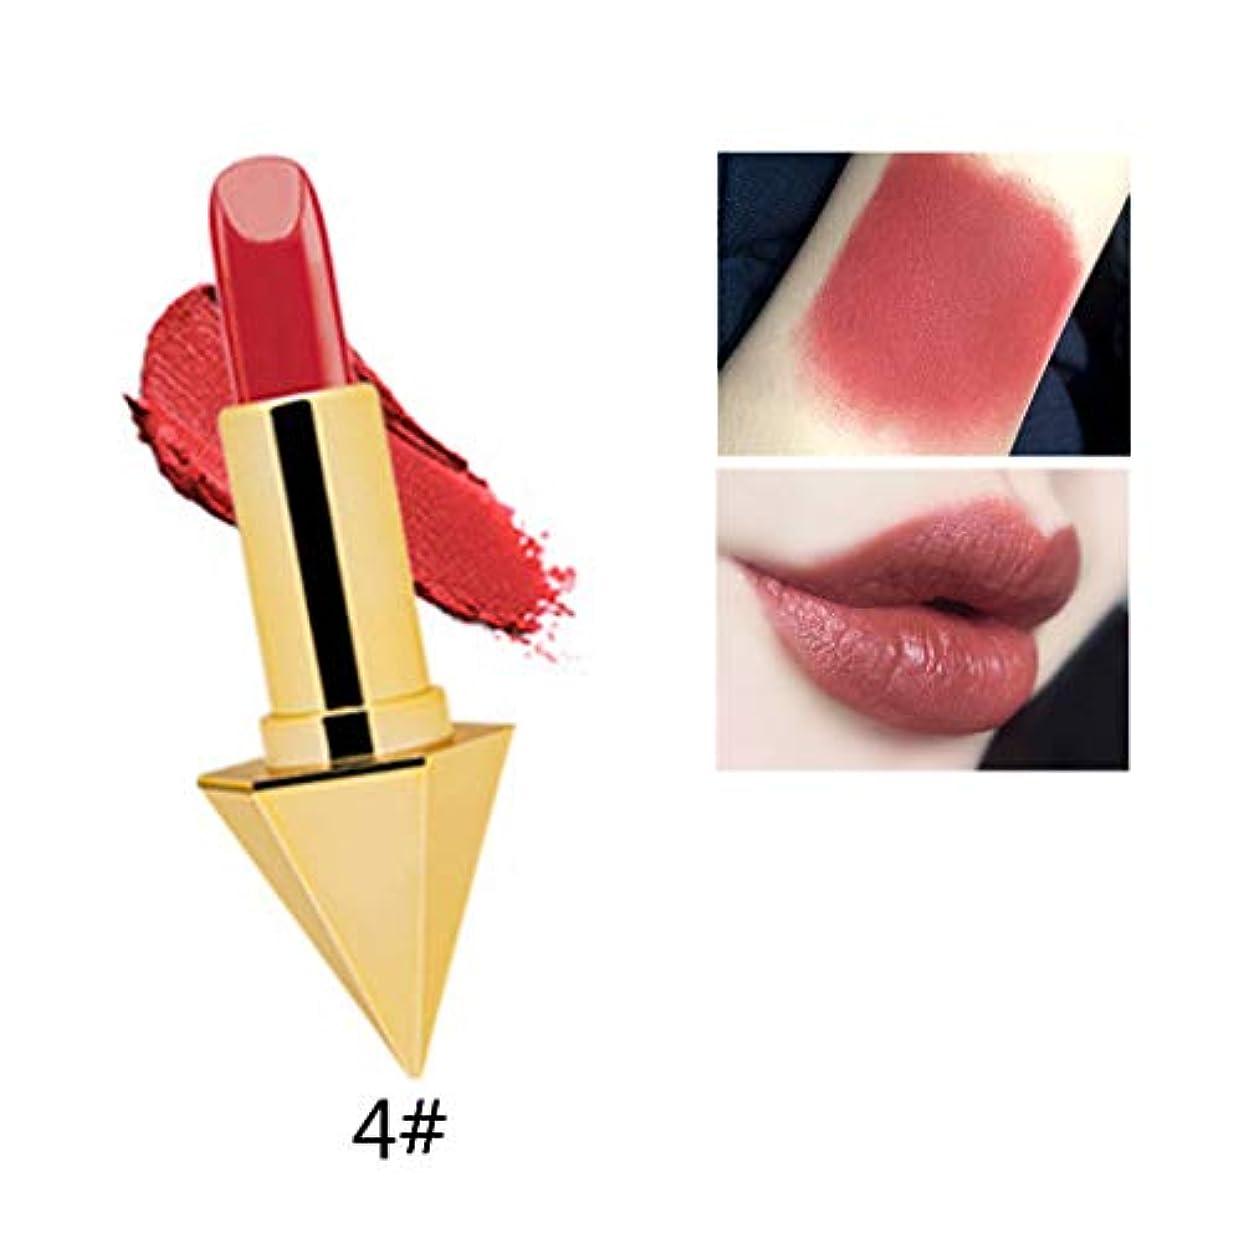 デコラティブ相談する株式会社Kimyuo 女性 マットリップスティック 防水 長持ちする リップグロス 化粧品 美容メイク